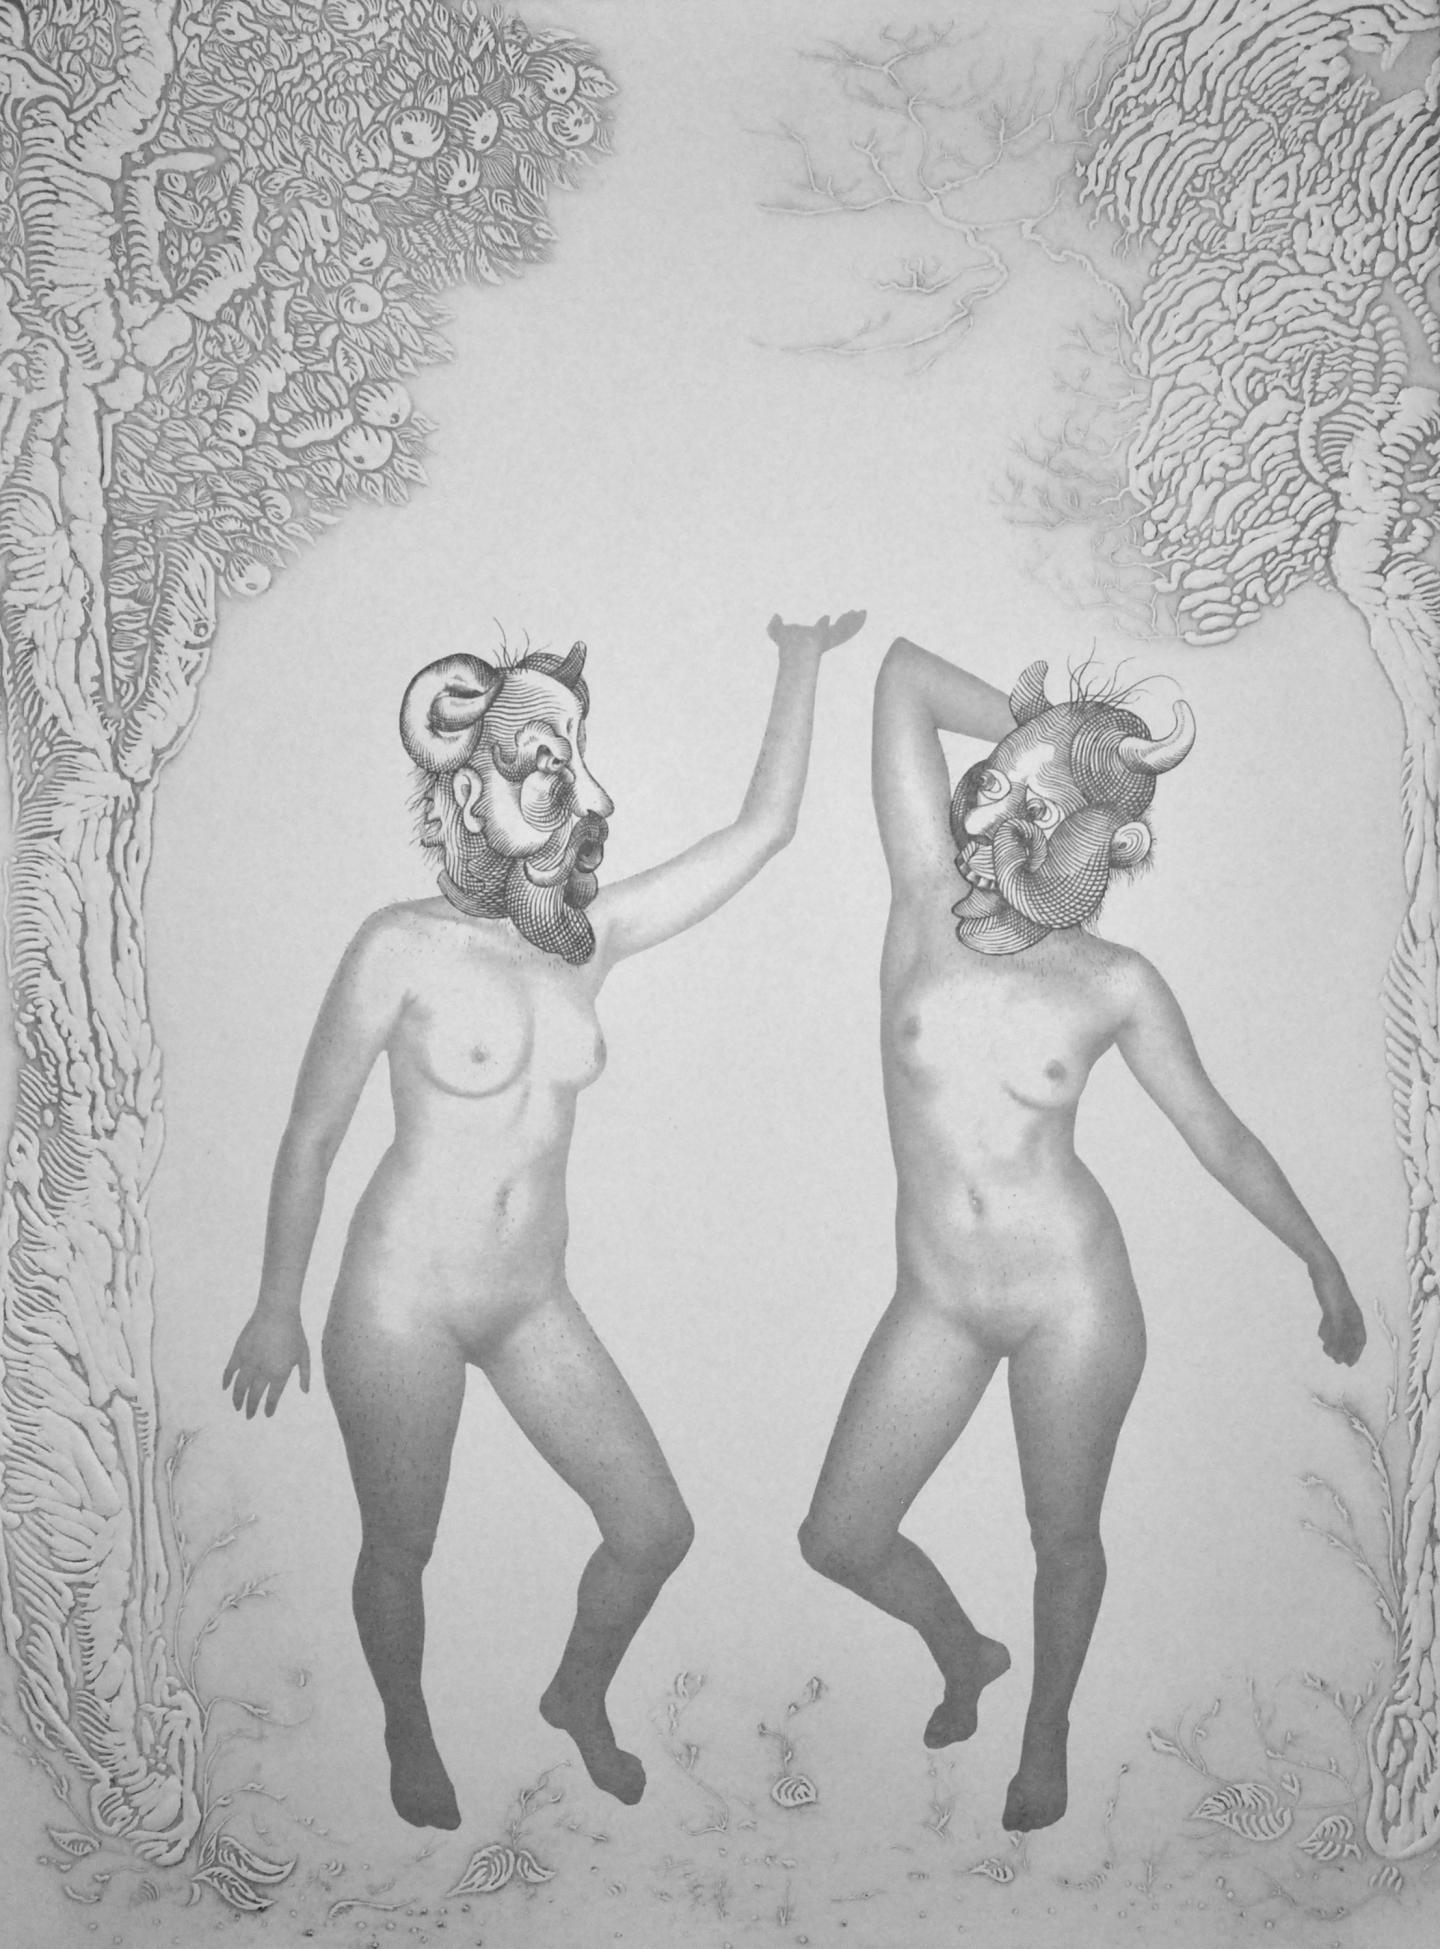 Las dieciocho y treinta (2018) - María del Carmen Díez Muñoz